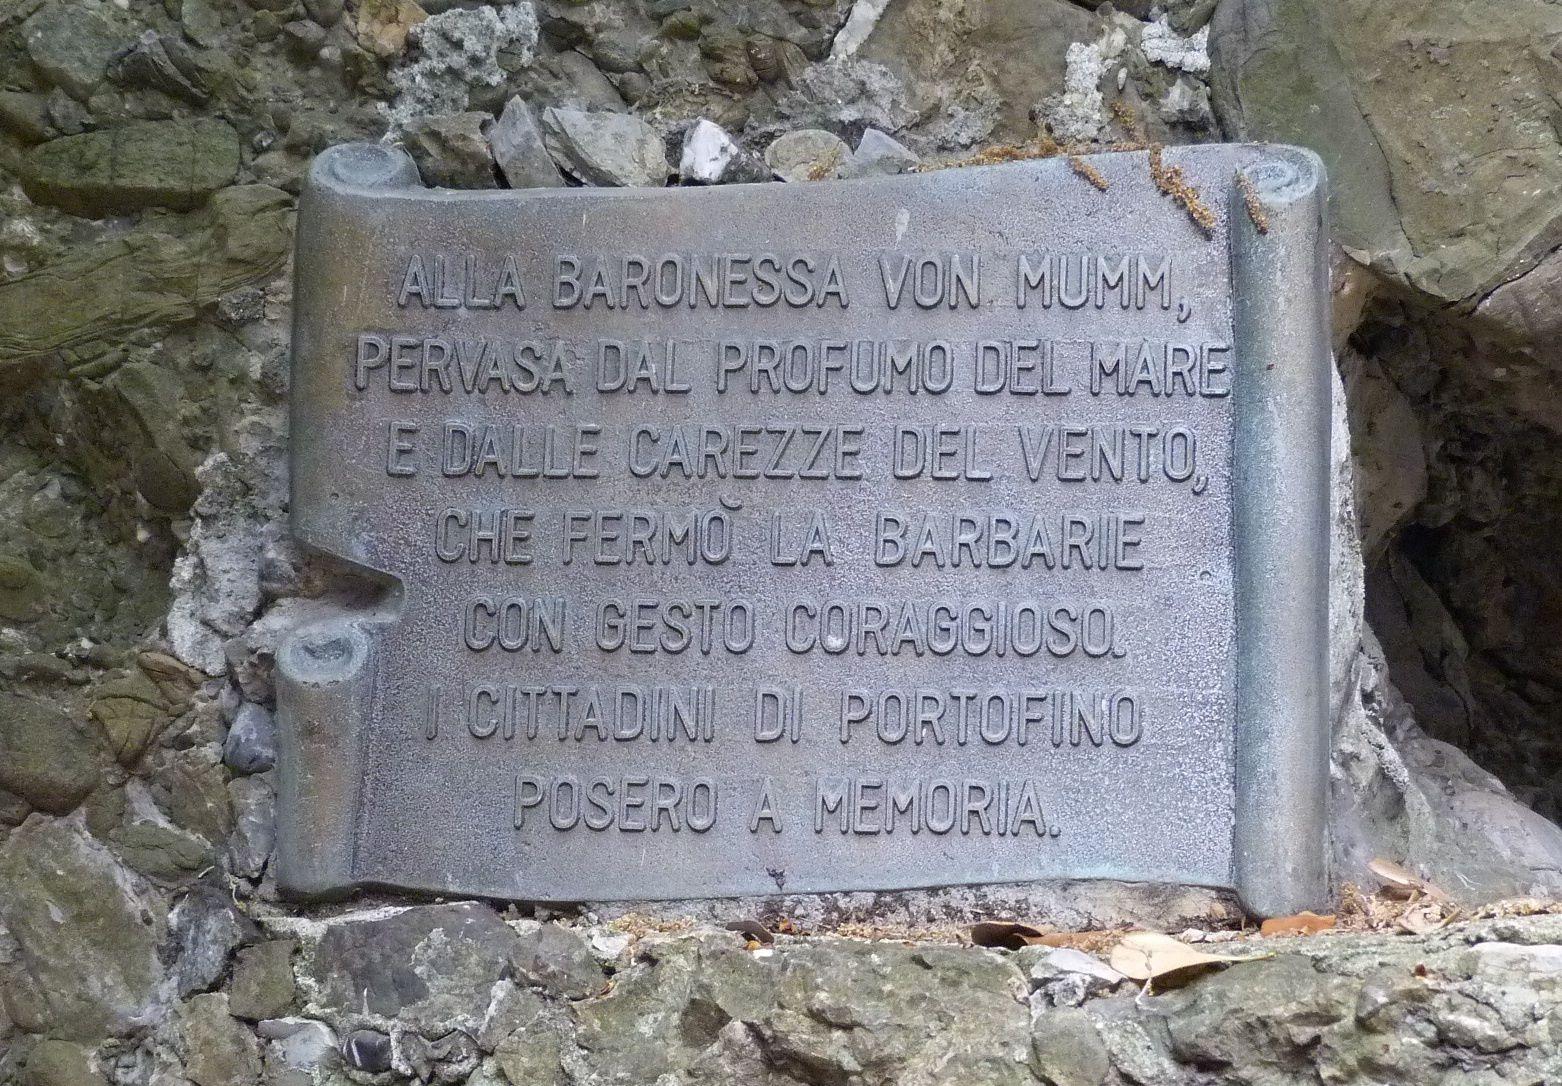 Kris Darquis © A la baronne Von Mumm,  emportée par le parfum de la mer et la caresse du vent qui a combattu la barbarie en faisant preuve de courage. Les habitants de Portofino ont apposé cette plaque en sa mémoire.